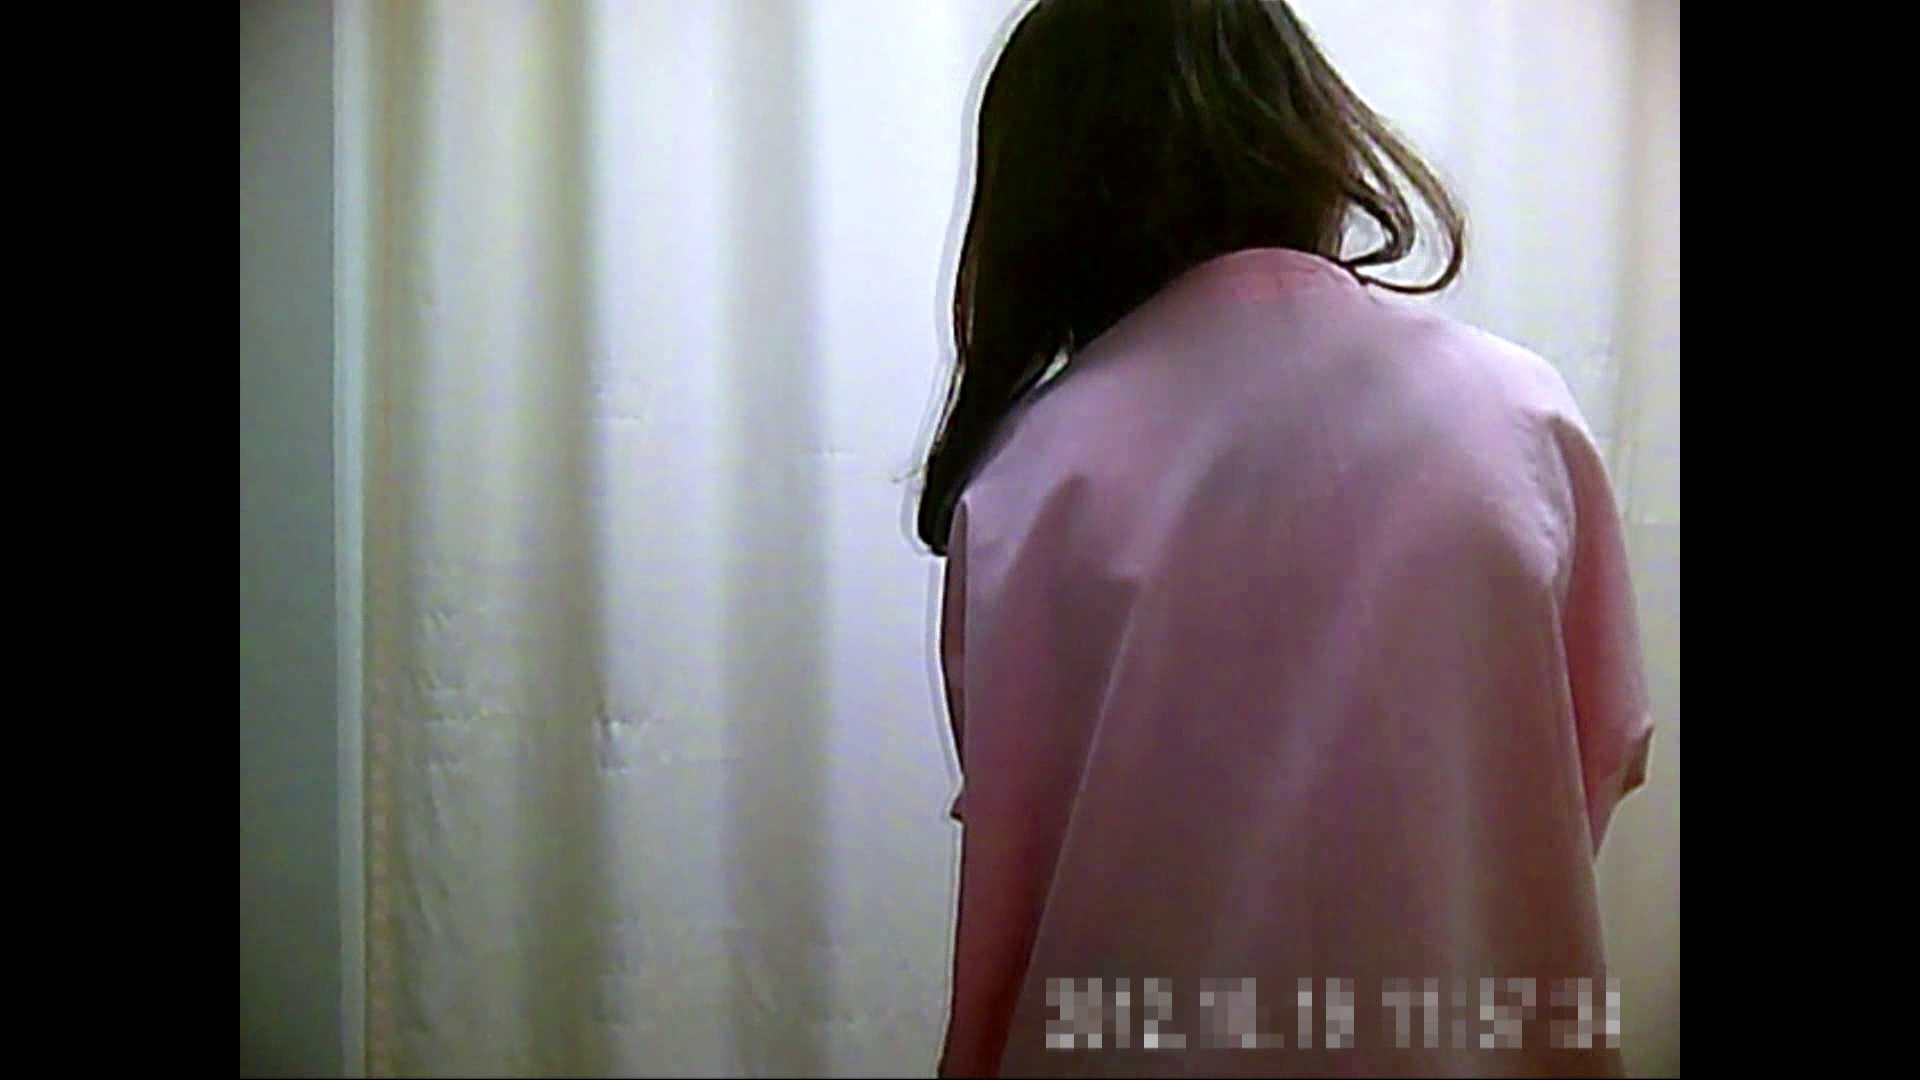 元医者による反抗 更衣室地獄絵巻 vol.052 お姉さん  106PIX 78